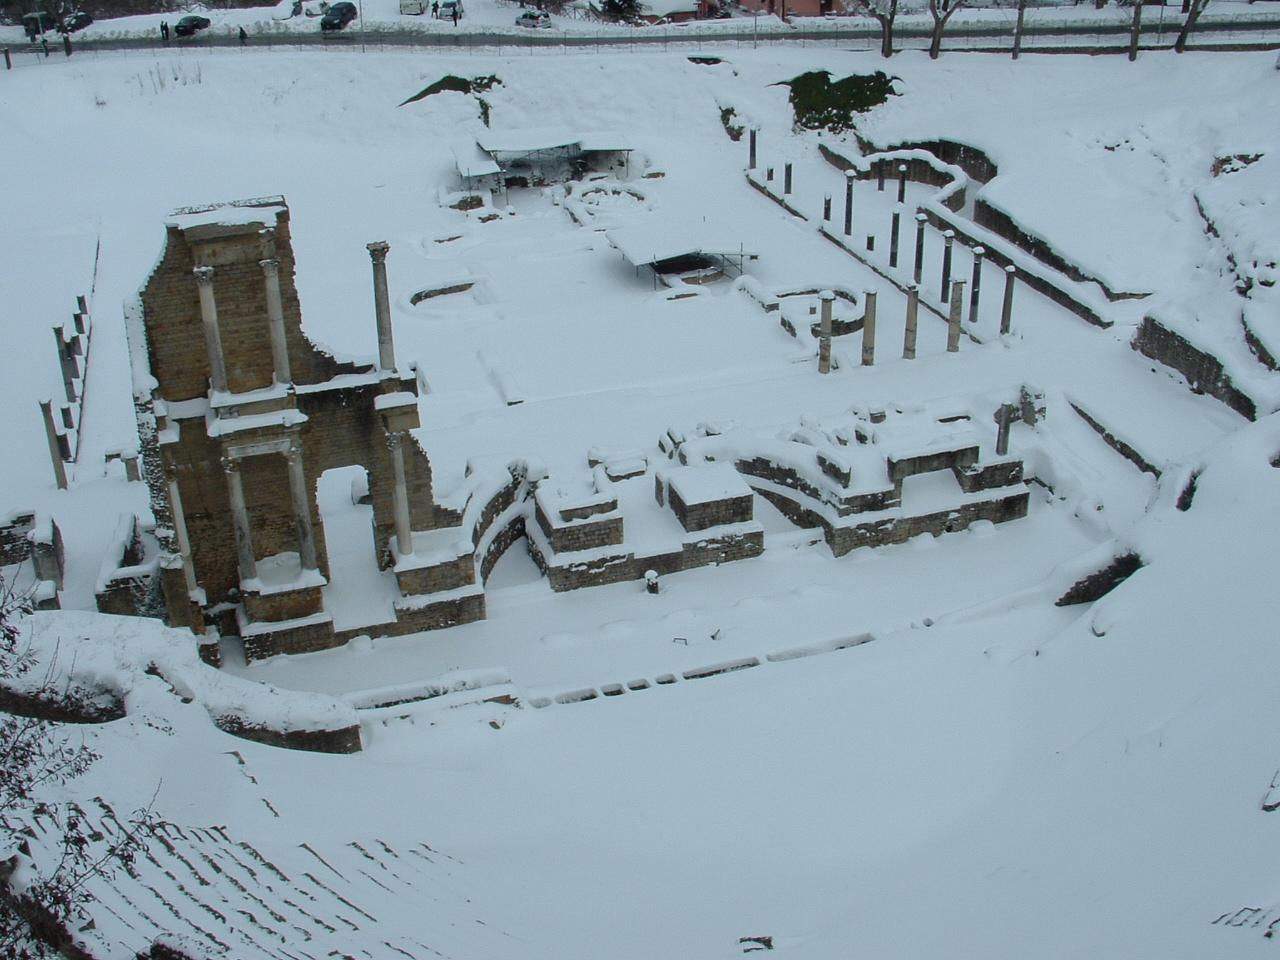 Volterra fotoreportage neve 9/10 marzo 2010..l'apoteosi nevosa!!-foto-mattina-volterra-10-marzo-2010-2-19-.jpg